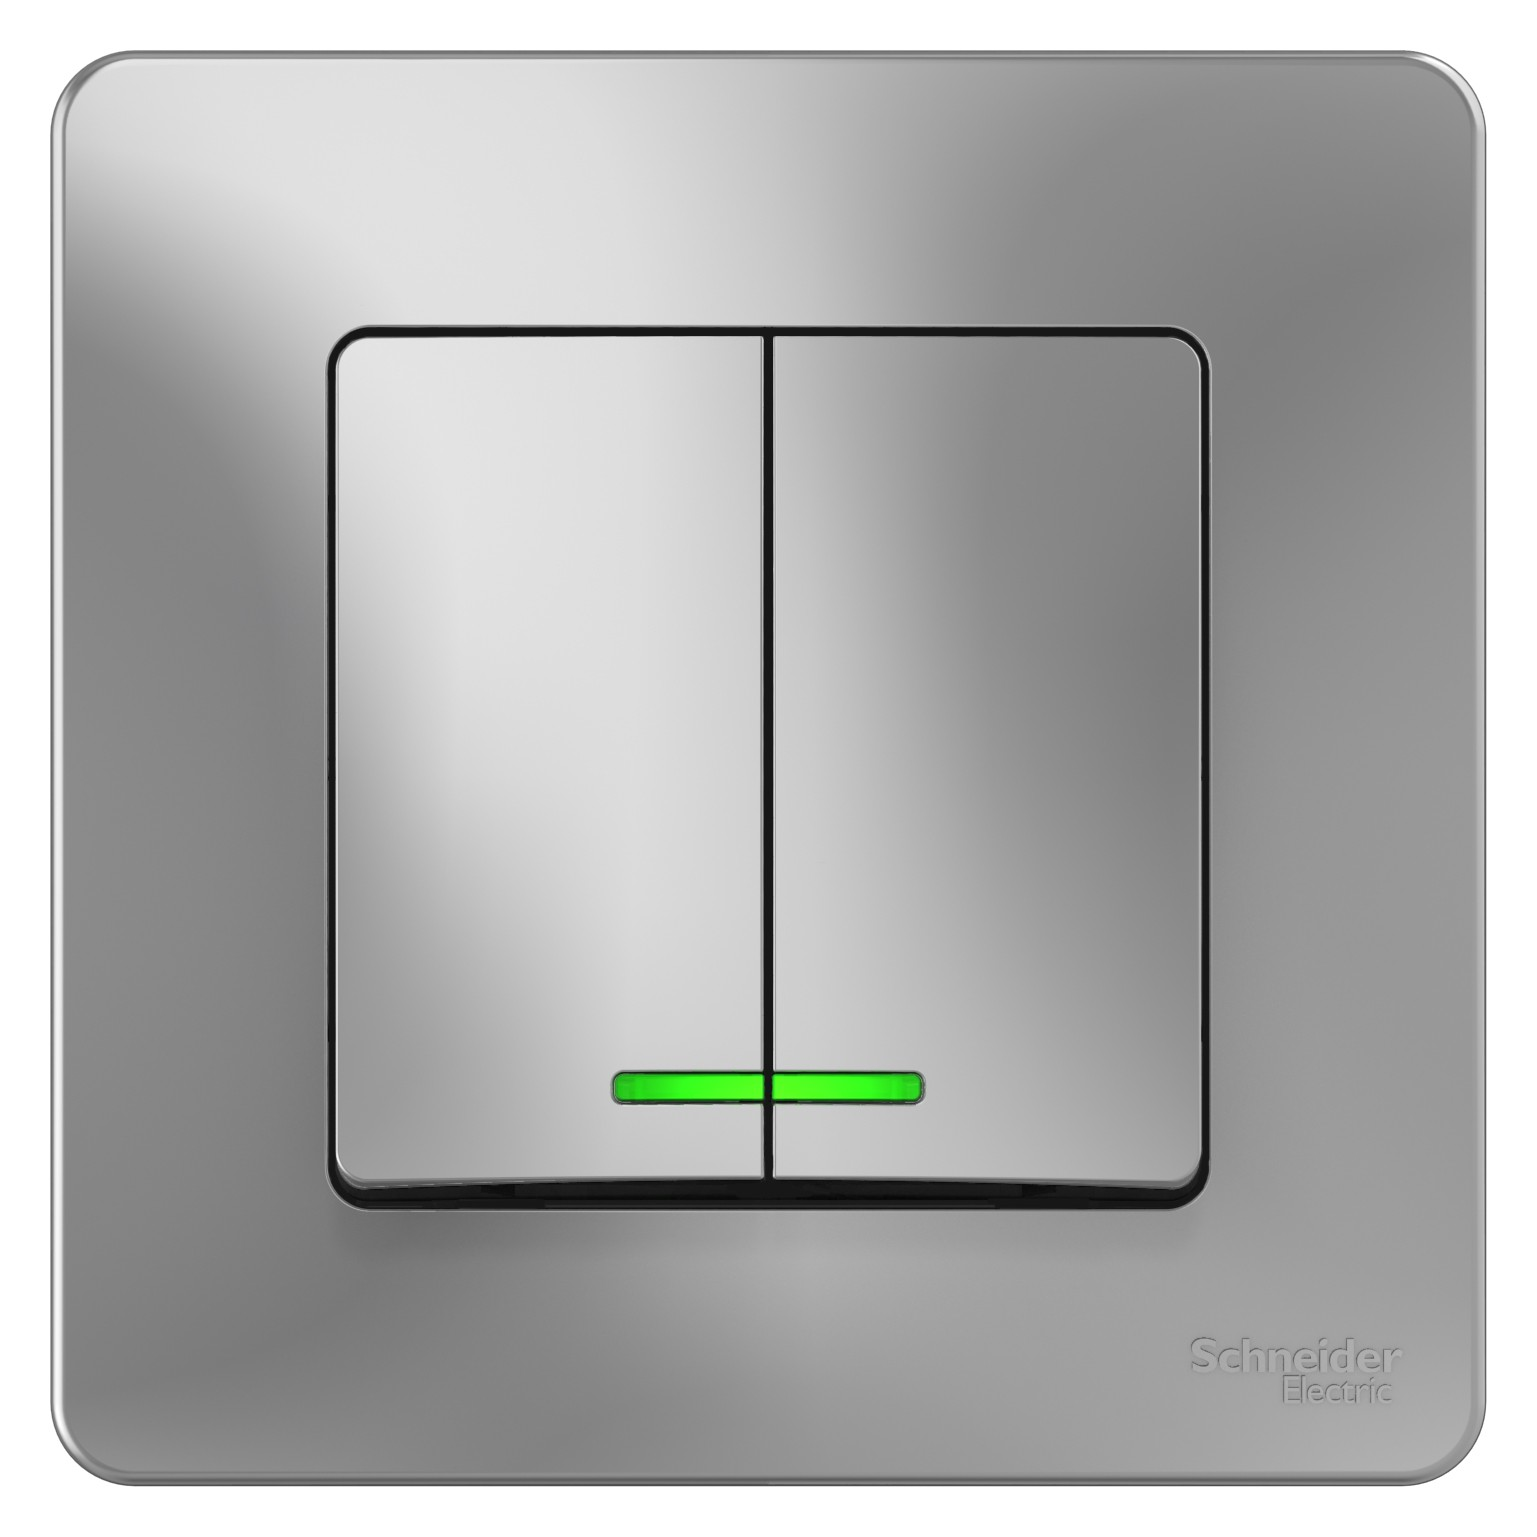 Выключатель Schneider Electric Blanca BLNVS010513 двухклавишный с индикатором алюминий